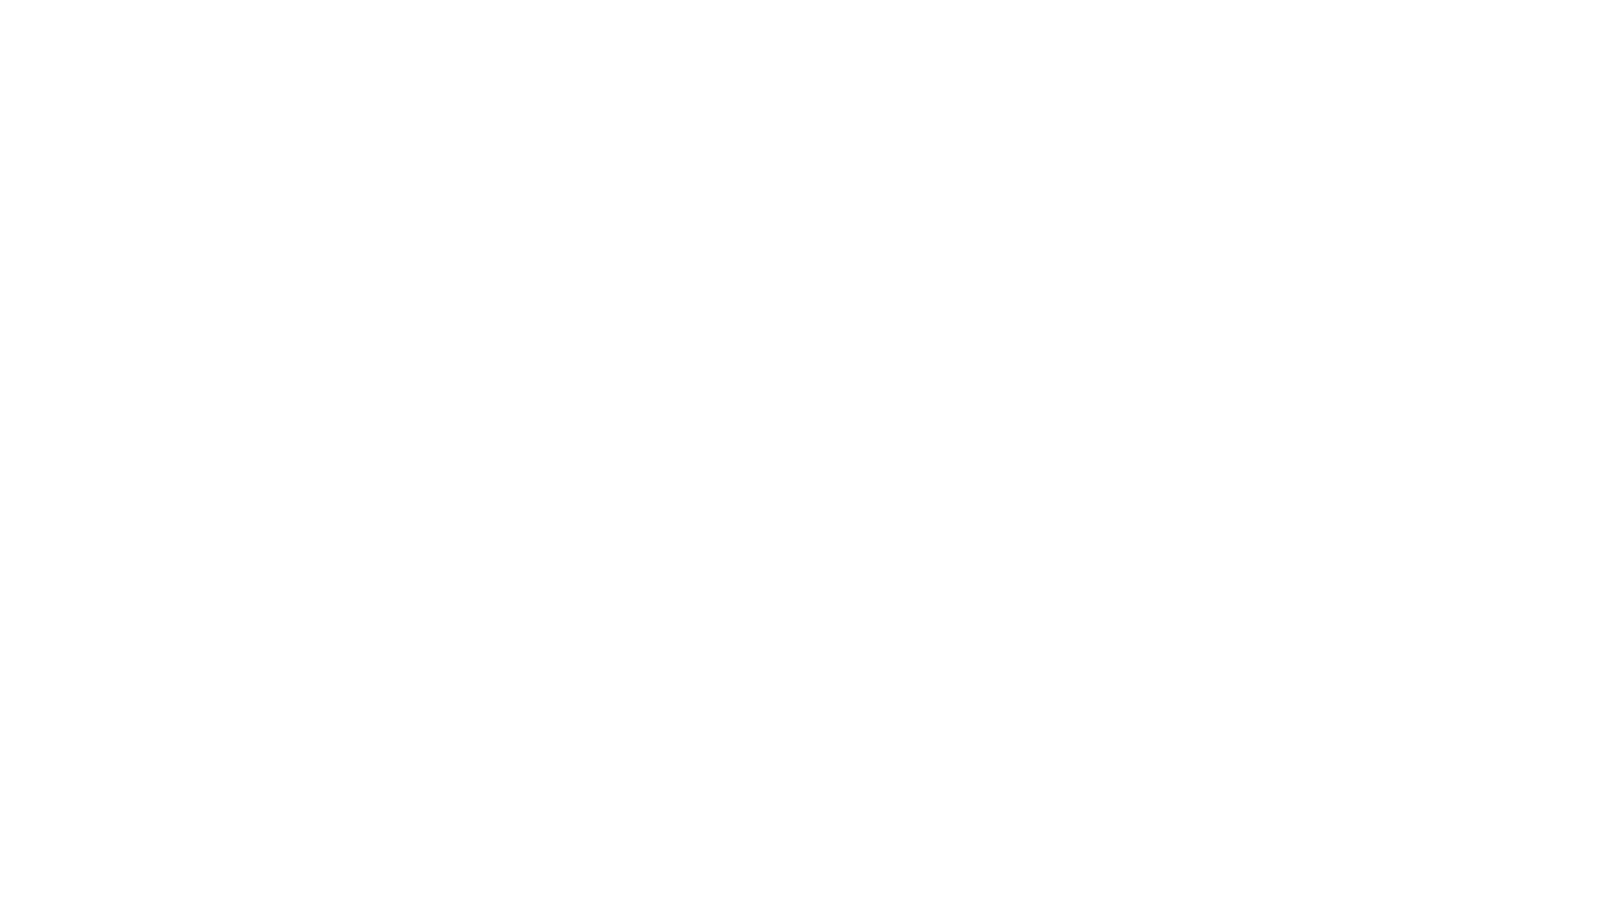 රජය යමක් වසන් කළාද? - සජිත්ගේ කතාවෙන් හෙළි වූ කරුණු  Credits : @voicetube  සබැඳි පුවත | Related News: https://wp.me/pc6mUF-1fU  යාලුවන්ටත් බලන්න [̲̅S][̲̅h̲̅][̲̅a̲̅][̲̅r̲̅][̲̅e] කරන්න. වෙබ් අඩවිය : https://www.srihanda.lk ෆේස්බුක් පිටුව : https://www.facebook.com/srihanda.lk